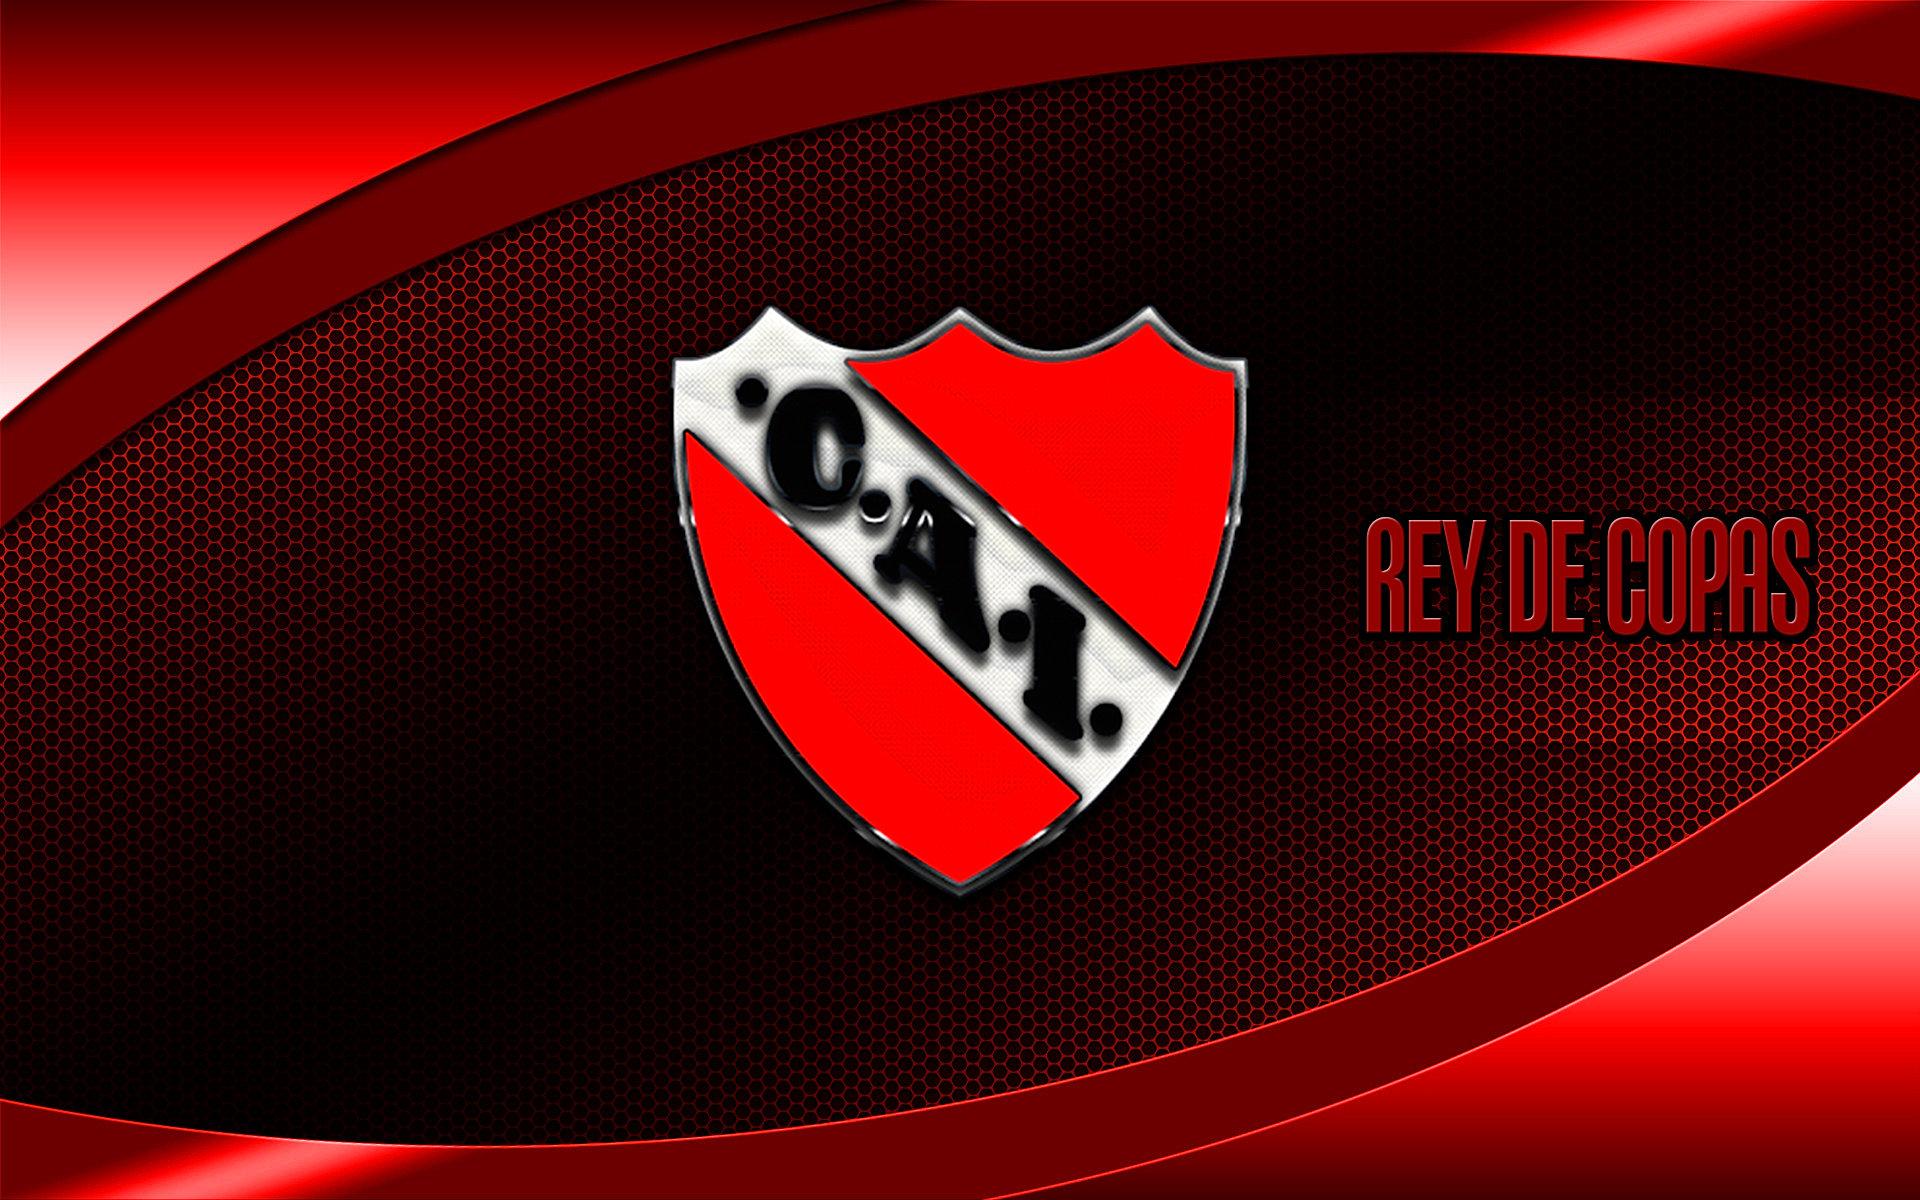 Wallpaper || Club Atletico Independiente ricardoalvarez ...